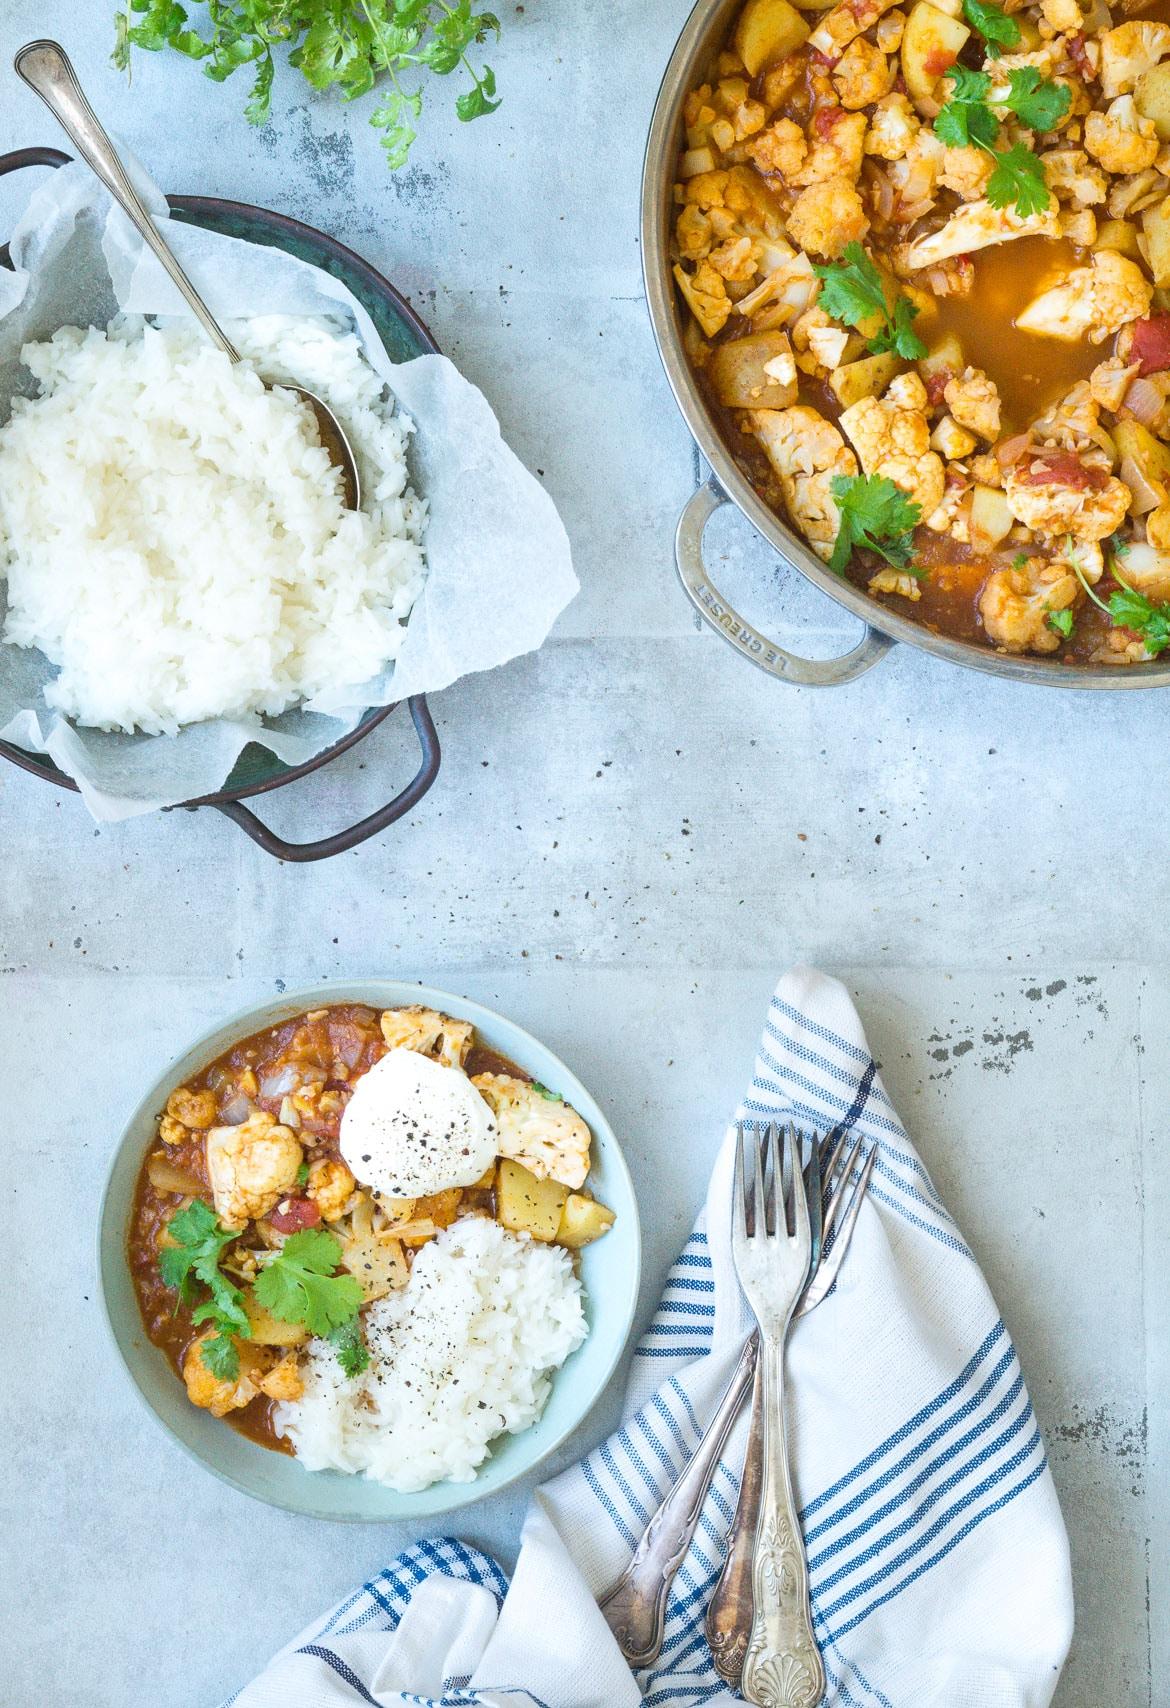 Favorit 5 opskrifter på varmende indiske vegetarretter - Stinna LT24